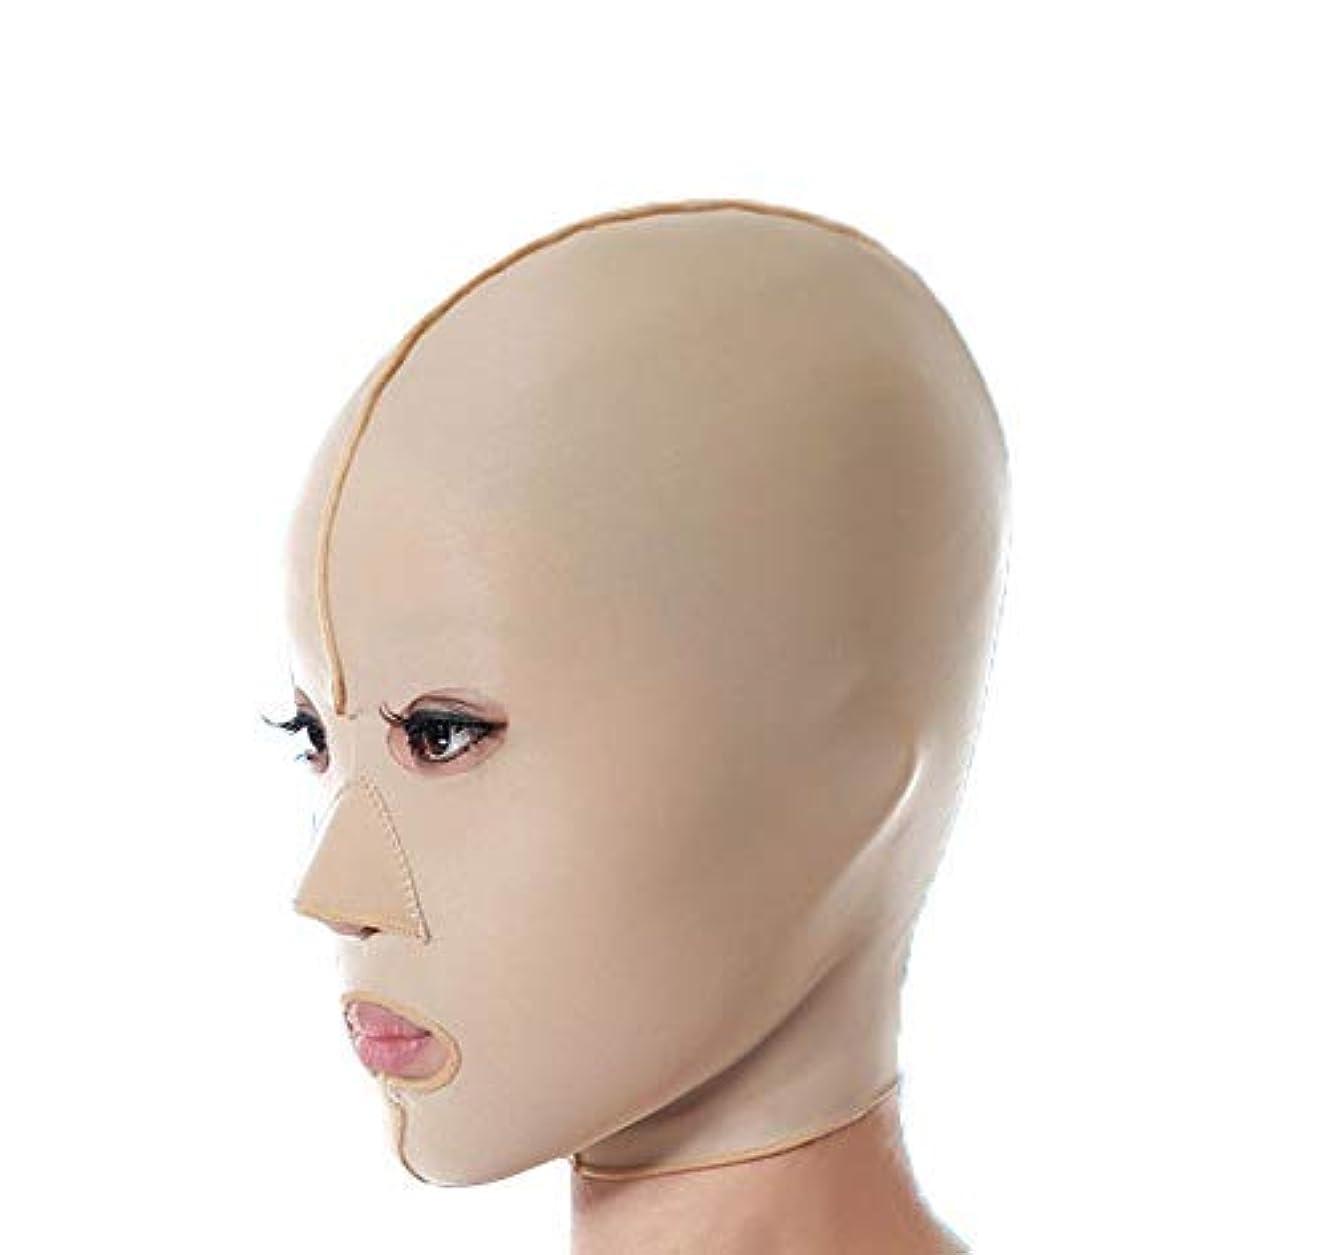 大佐抽選隙間ファーミングフェイスマスク、フェイシャルマスク医学強力なフェイスマスクアーティファクト美容垂れ防止法パターンフェイシャルリフティングファーミングフルフェイスマスク(サイズ:M),Xl